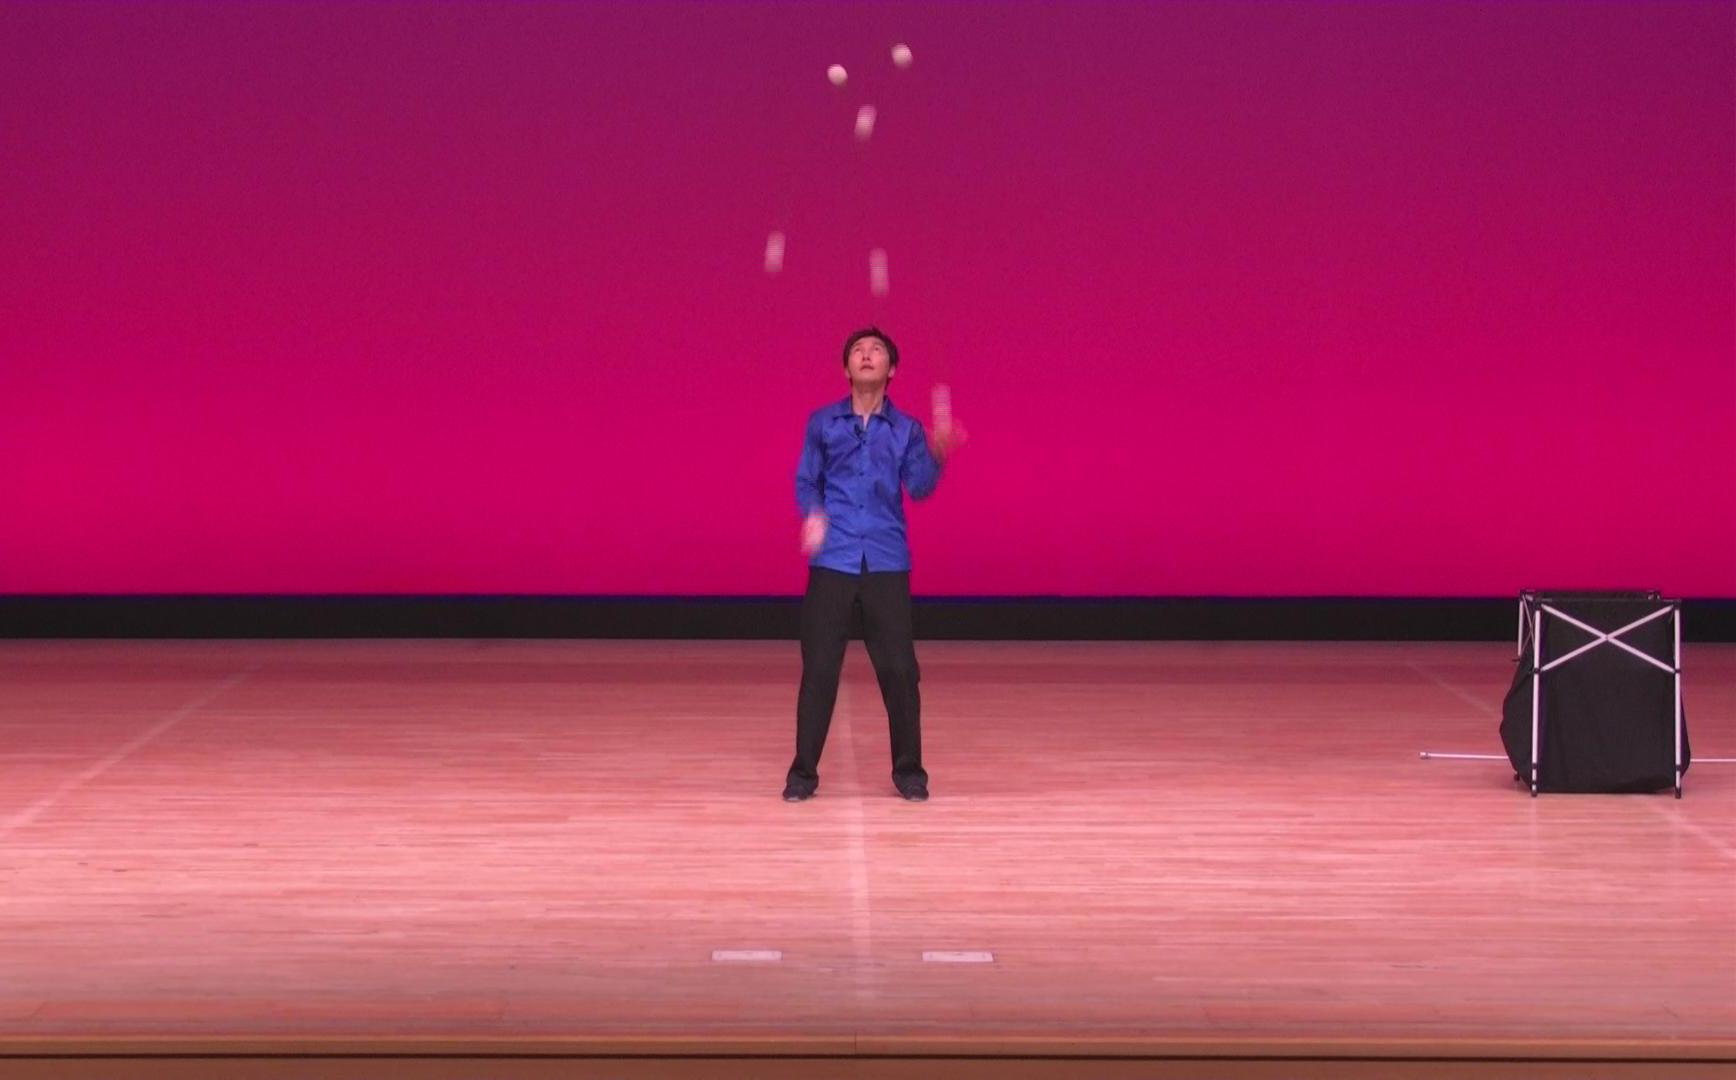 ジャグラーTOSHI 7ボール